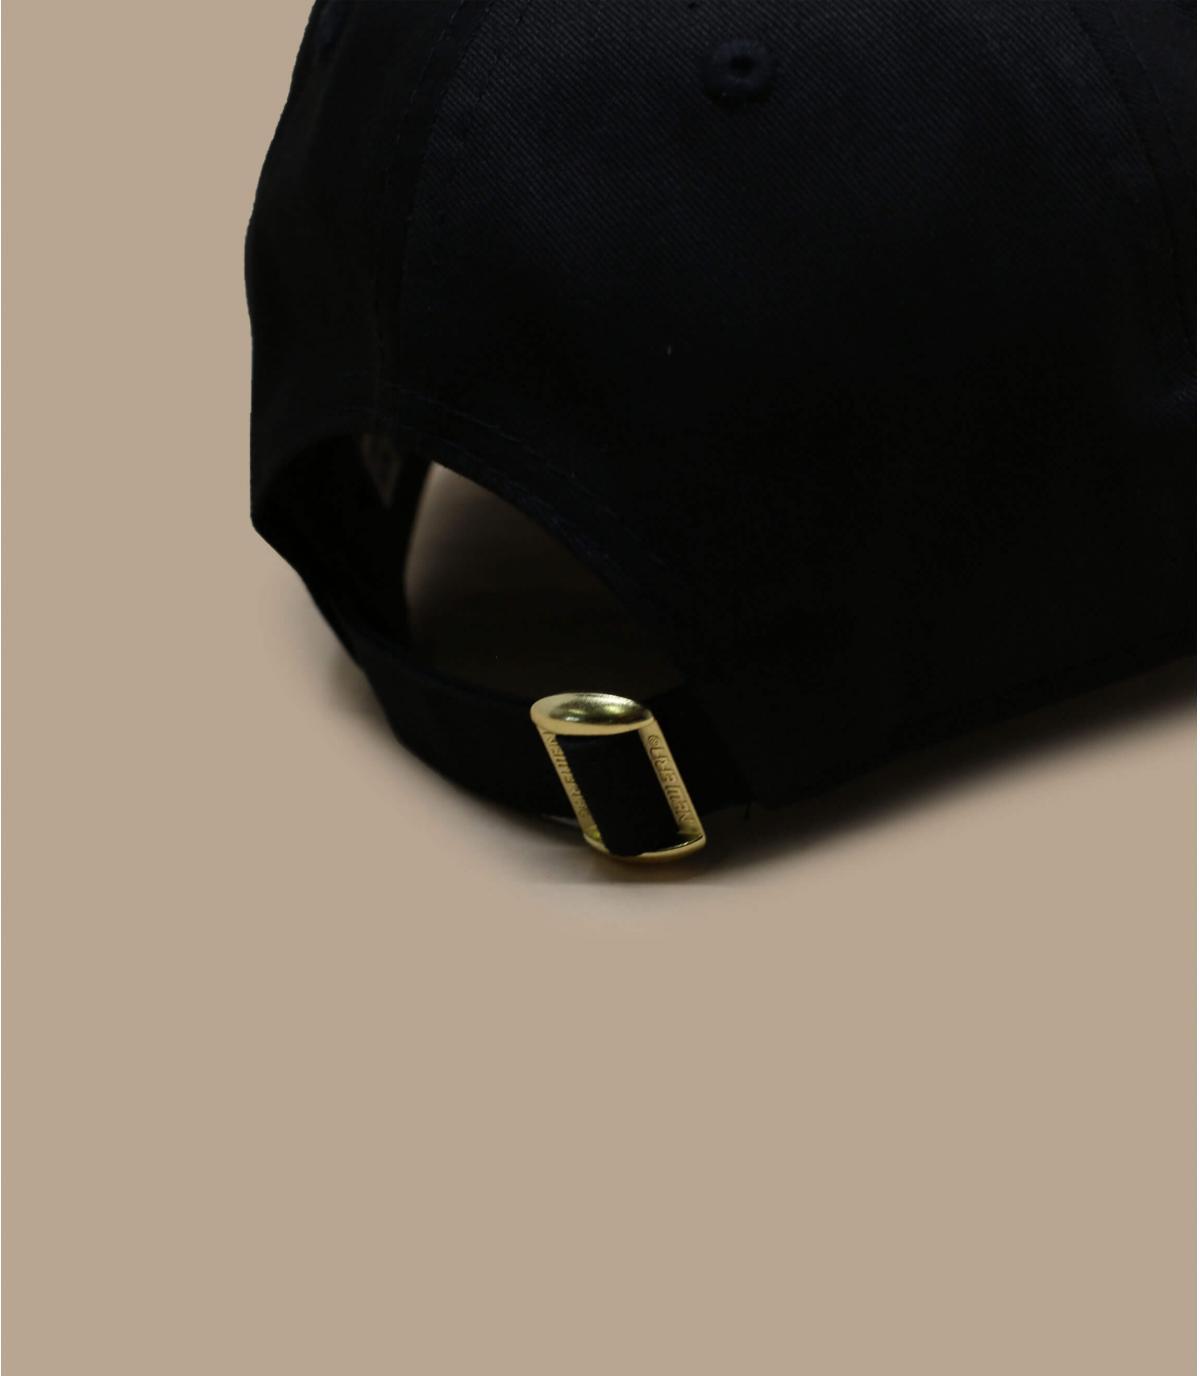 Détails Casquette Metallic Logo 940 Bulls black gold - image 4